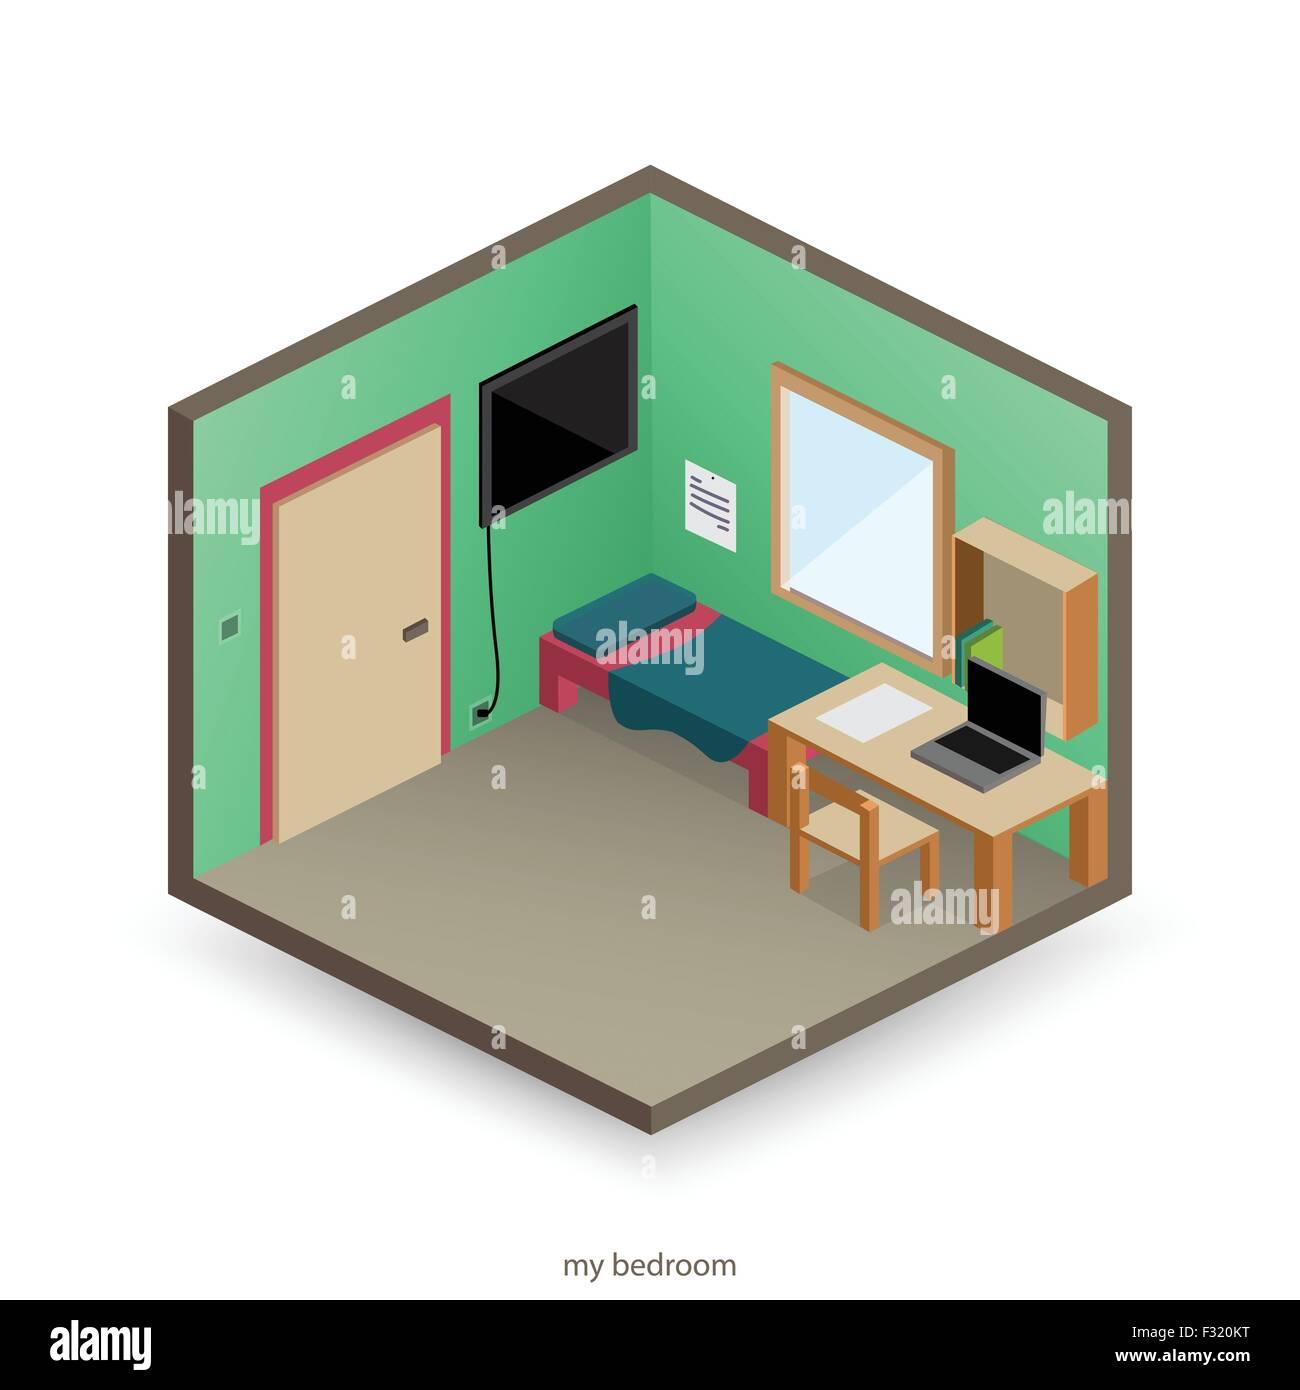 Isolato Isometrica Camera Da Letto Con Oggetti Decorativi E Piatto Icone Di Stile Vettore Interior Design Immagine E Vettoriale Alamy